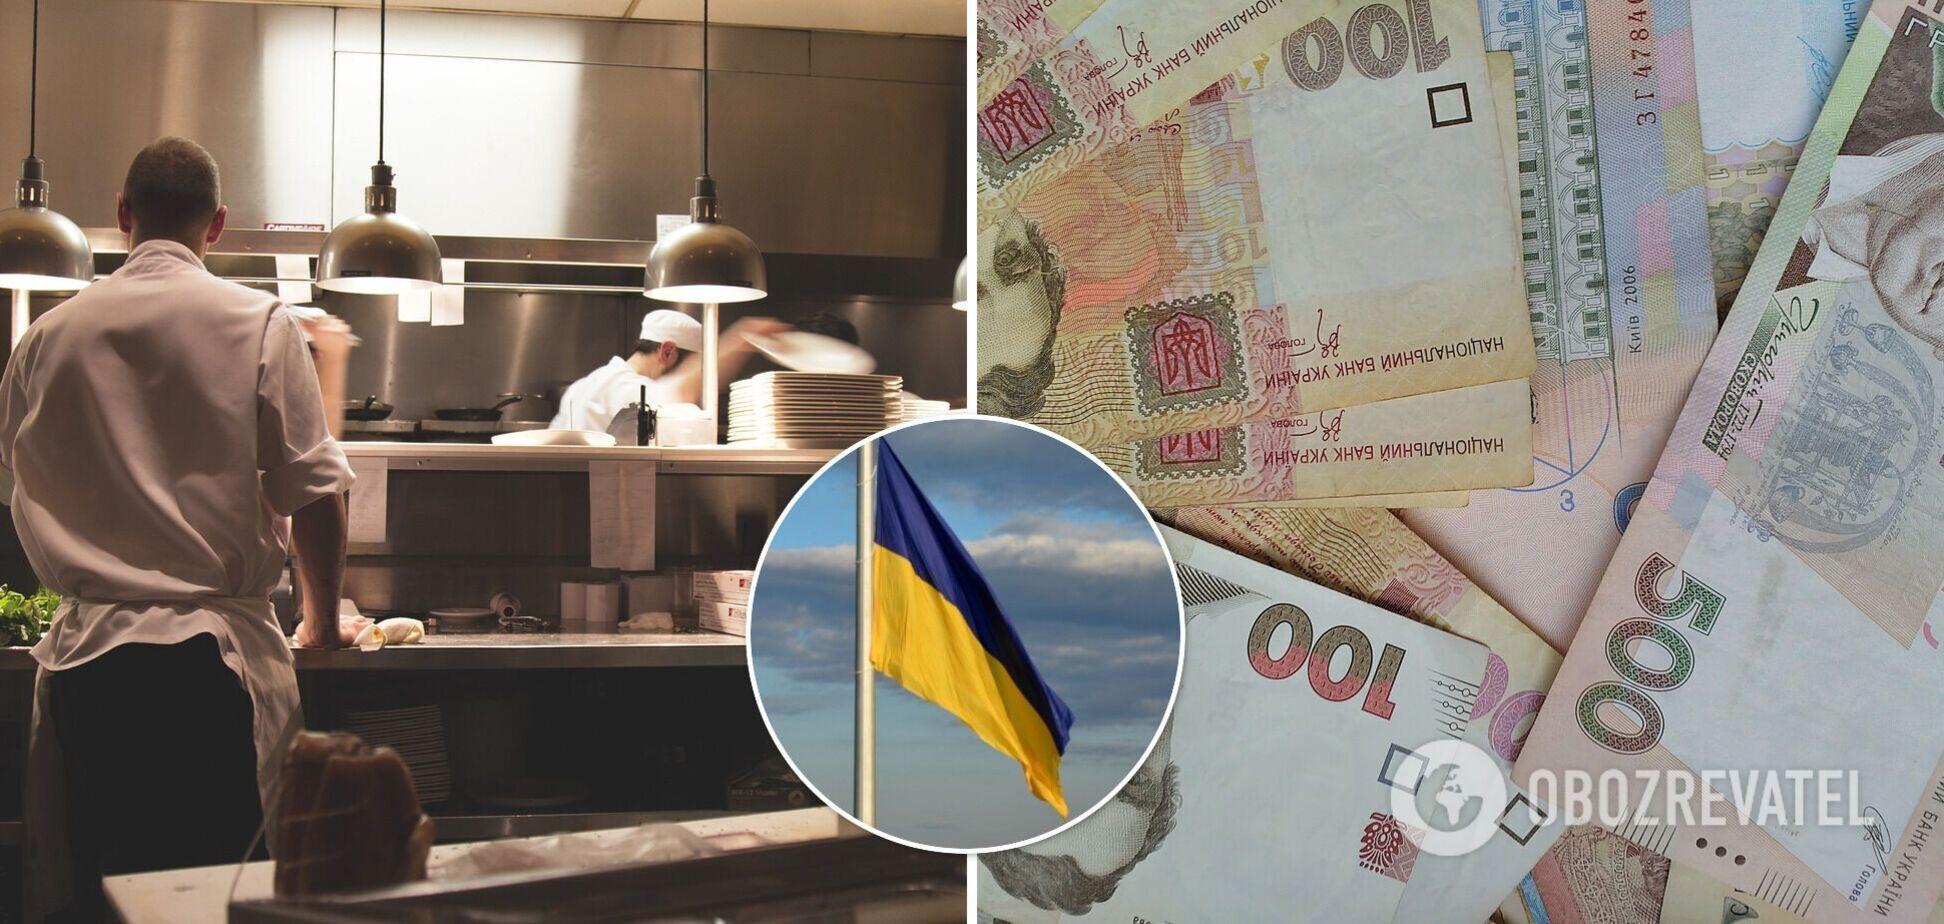 Ціни в ресторанах і кафе виросли через брак співробітників